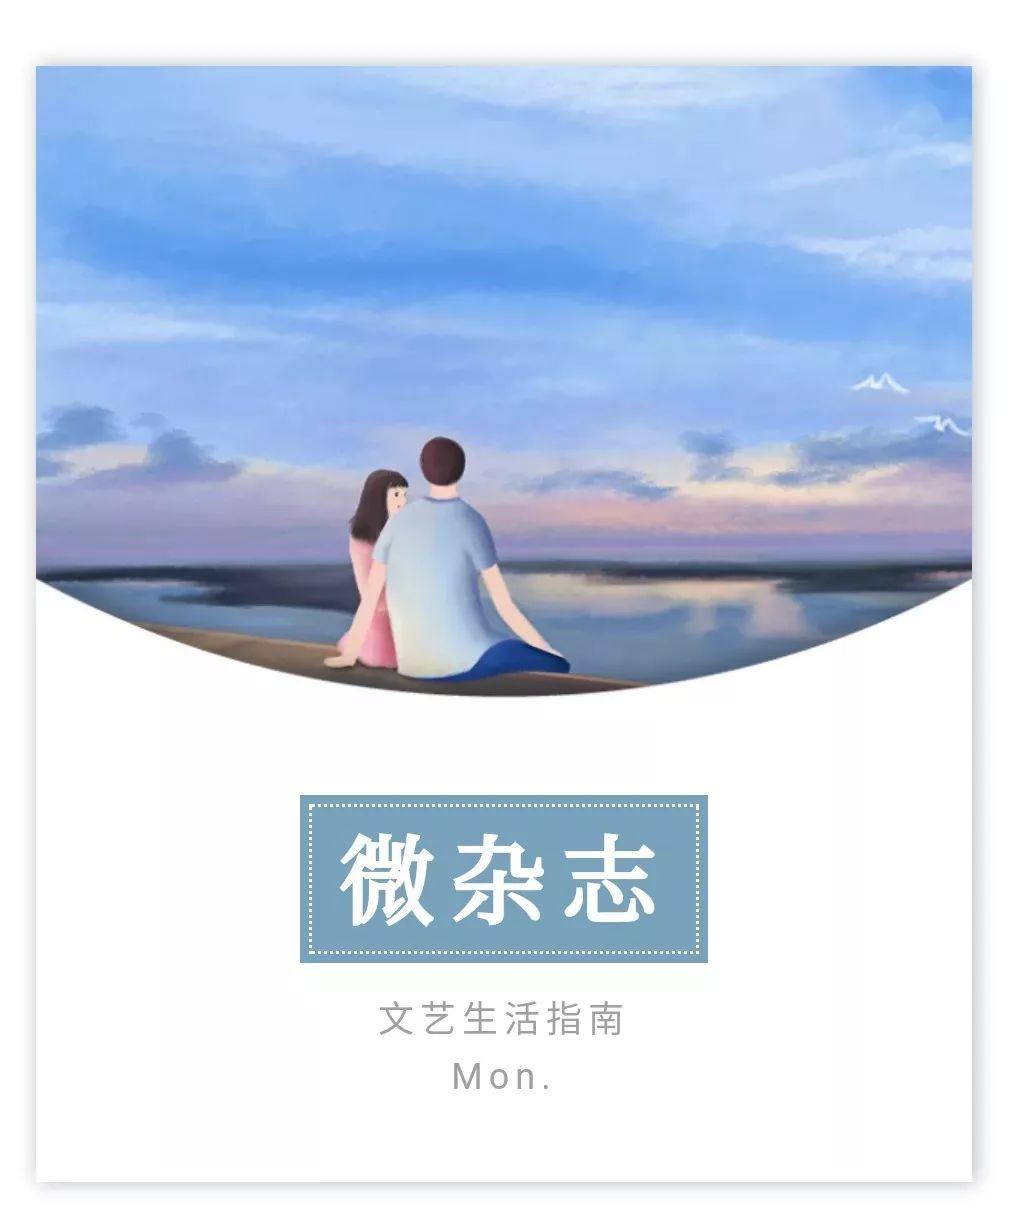 全国上亿90后单身男女的爱情宣言:我爱你,但不再如生命。